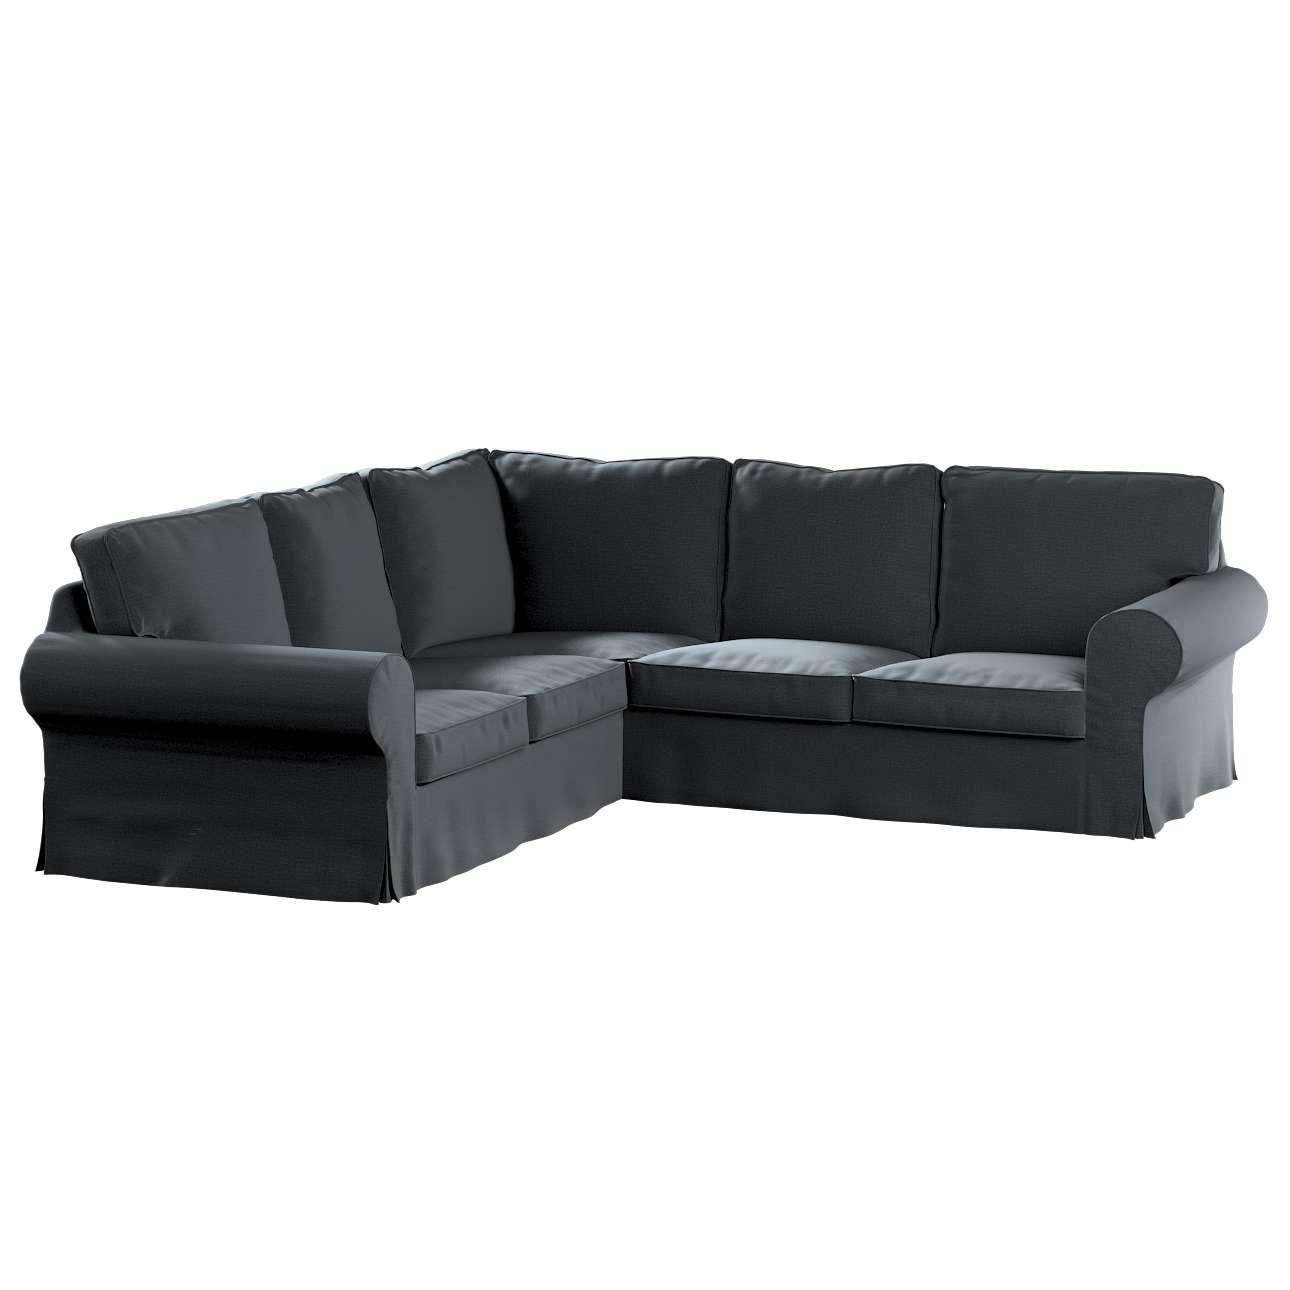 Pokrowiec Ektorp na sofę narożną w kolekcji Ingrid, tkanina: 705-43